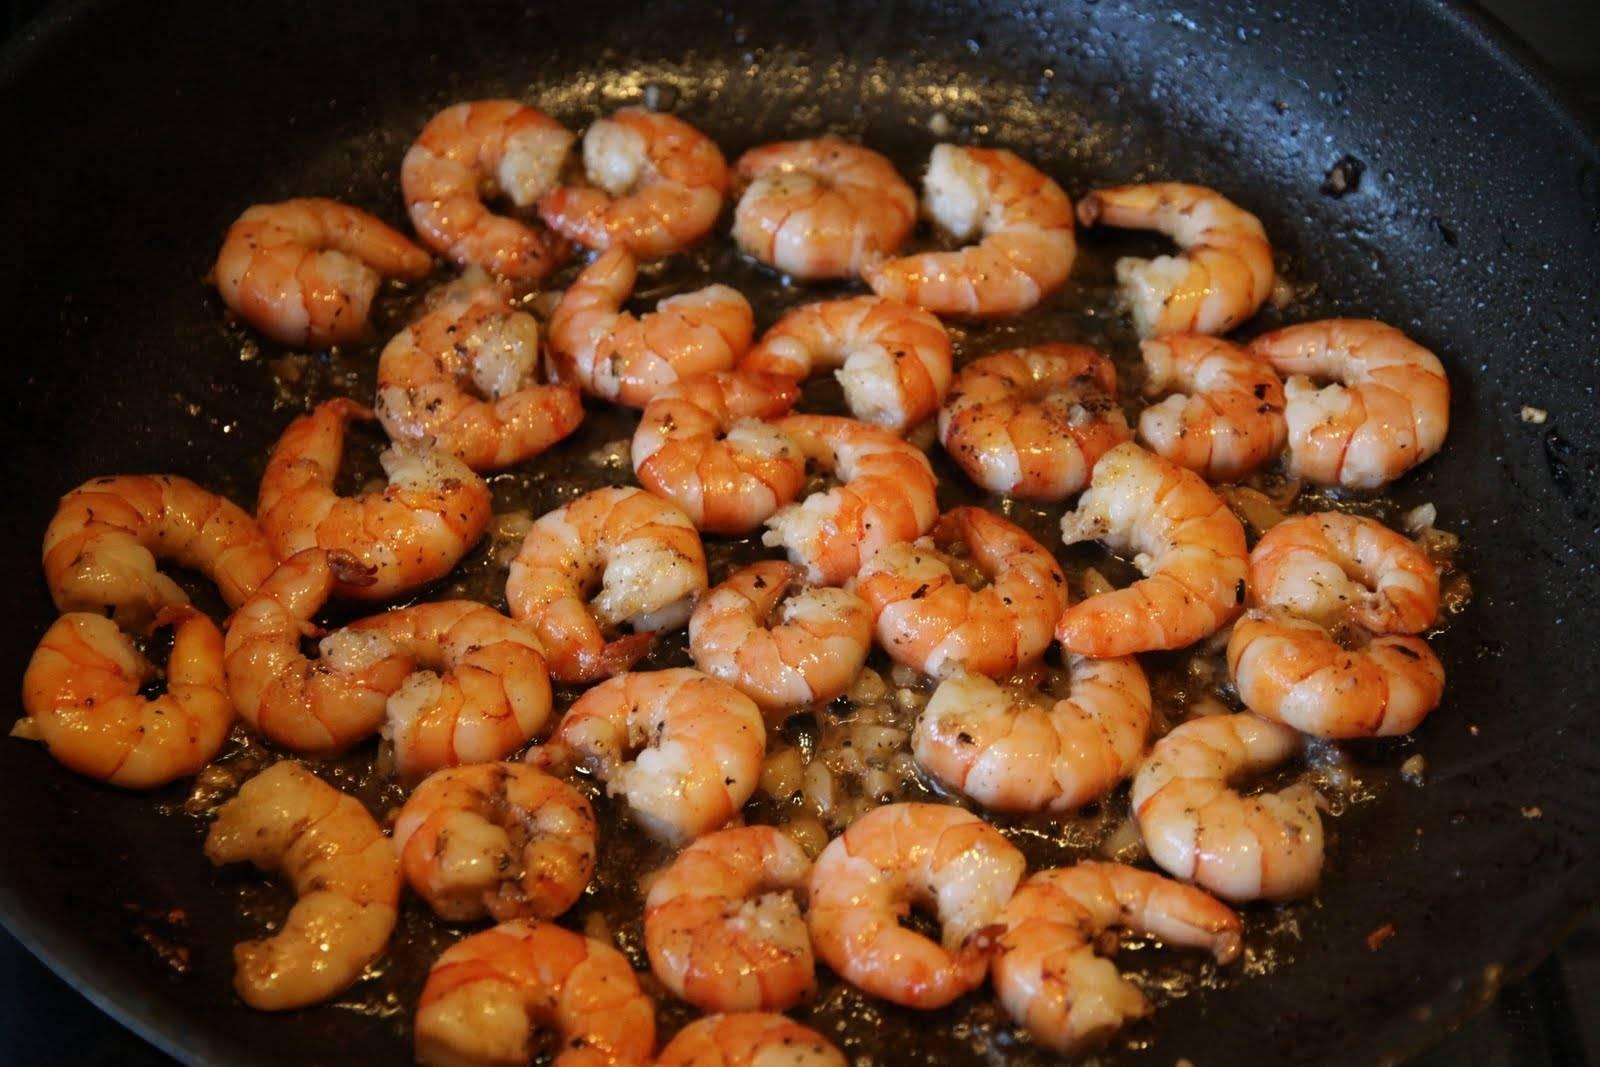 Как приготовить креветки к пиву и варить раков: фото, рецепты приготовления закусок